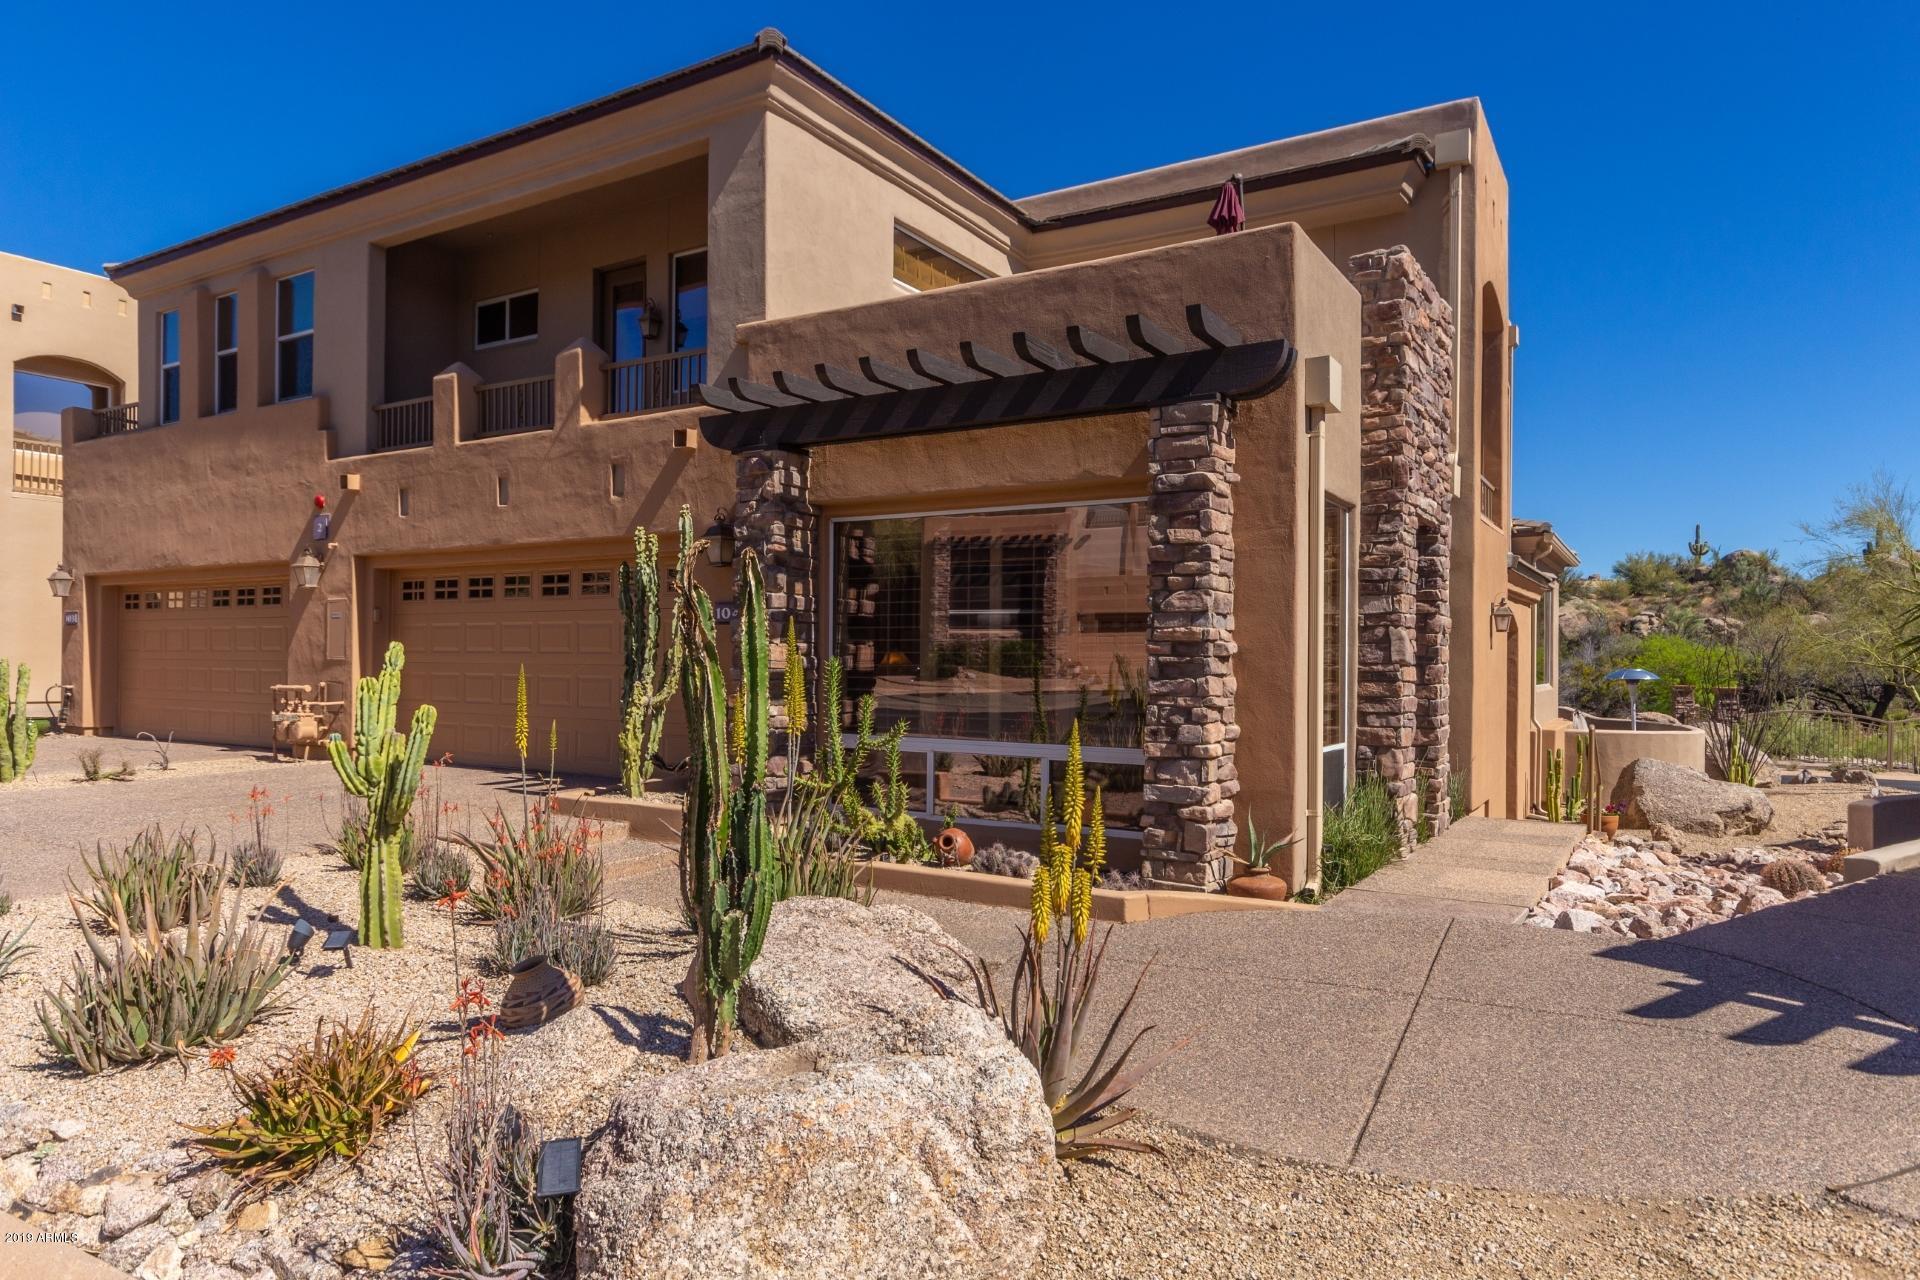 Photo of 28990 N White Feather #104 Lane, Scottsdale, AZ 85262